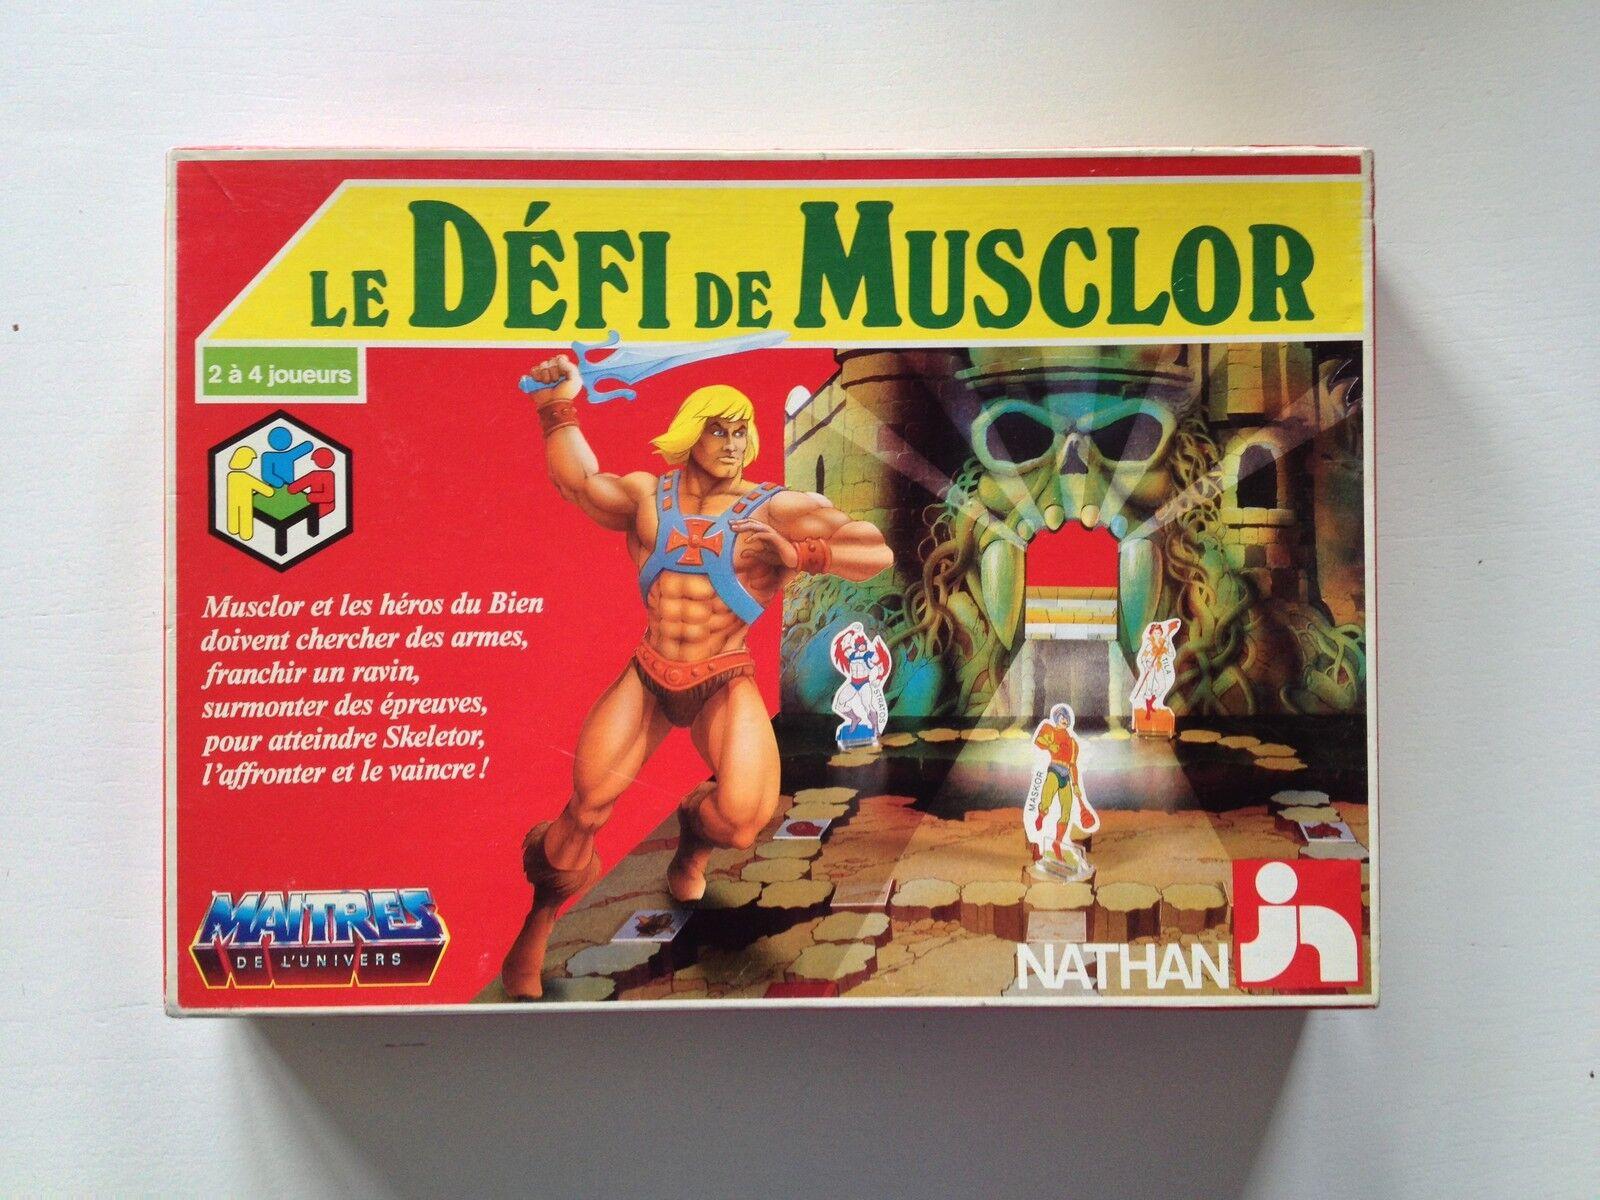 Le défi de Musclor   maitres de l'univers   Masters of the Universe NATHAN 1984